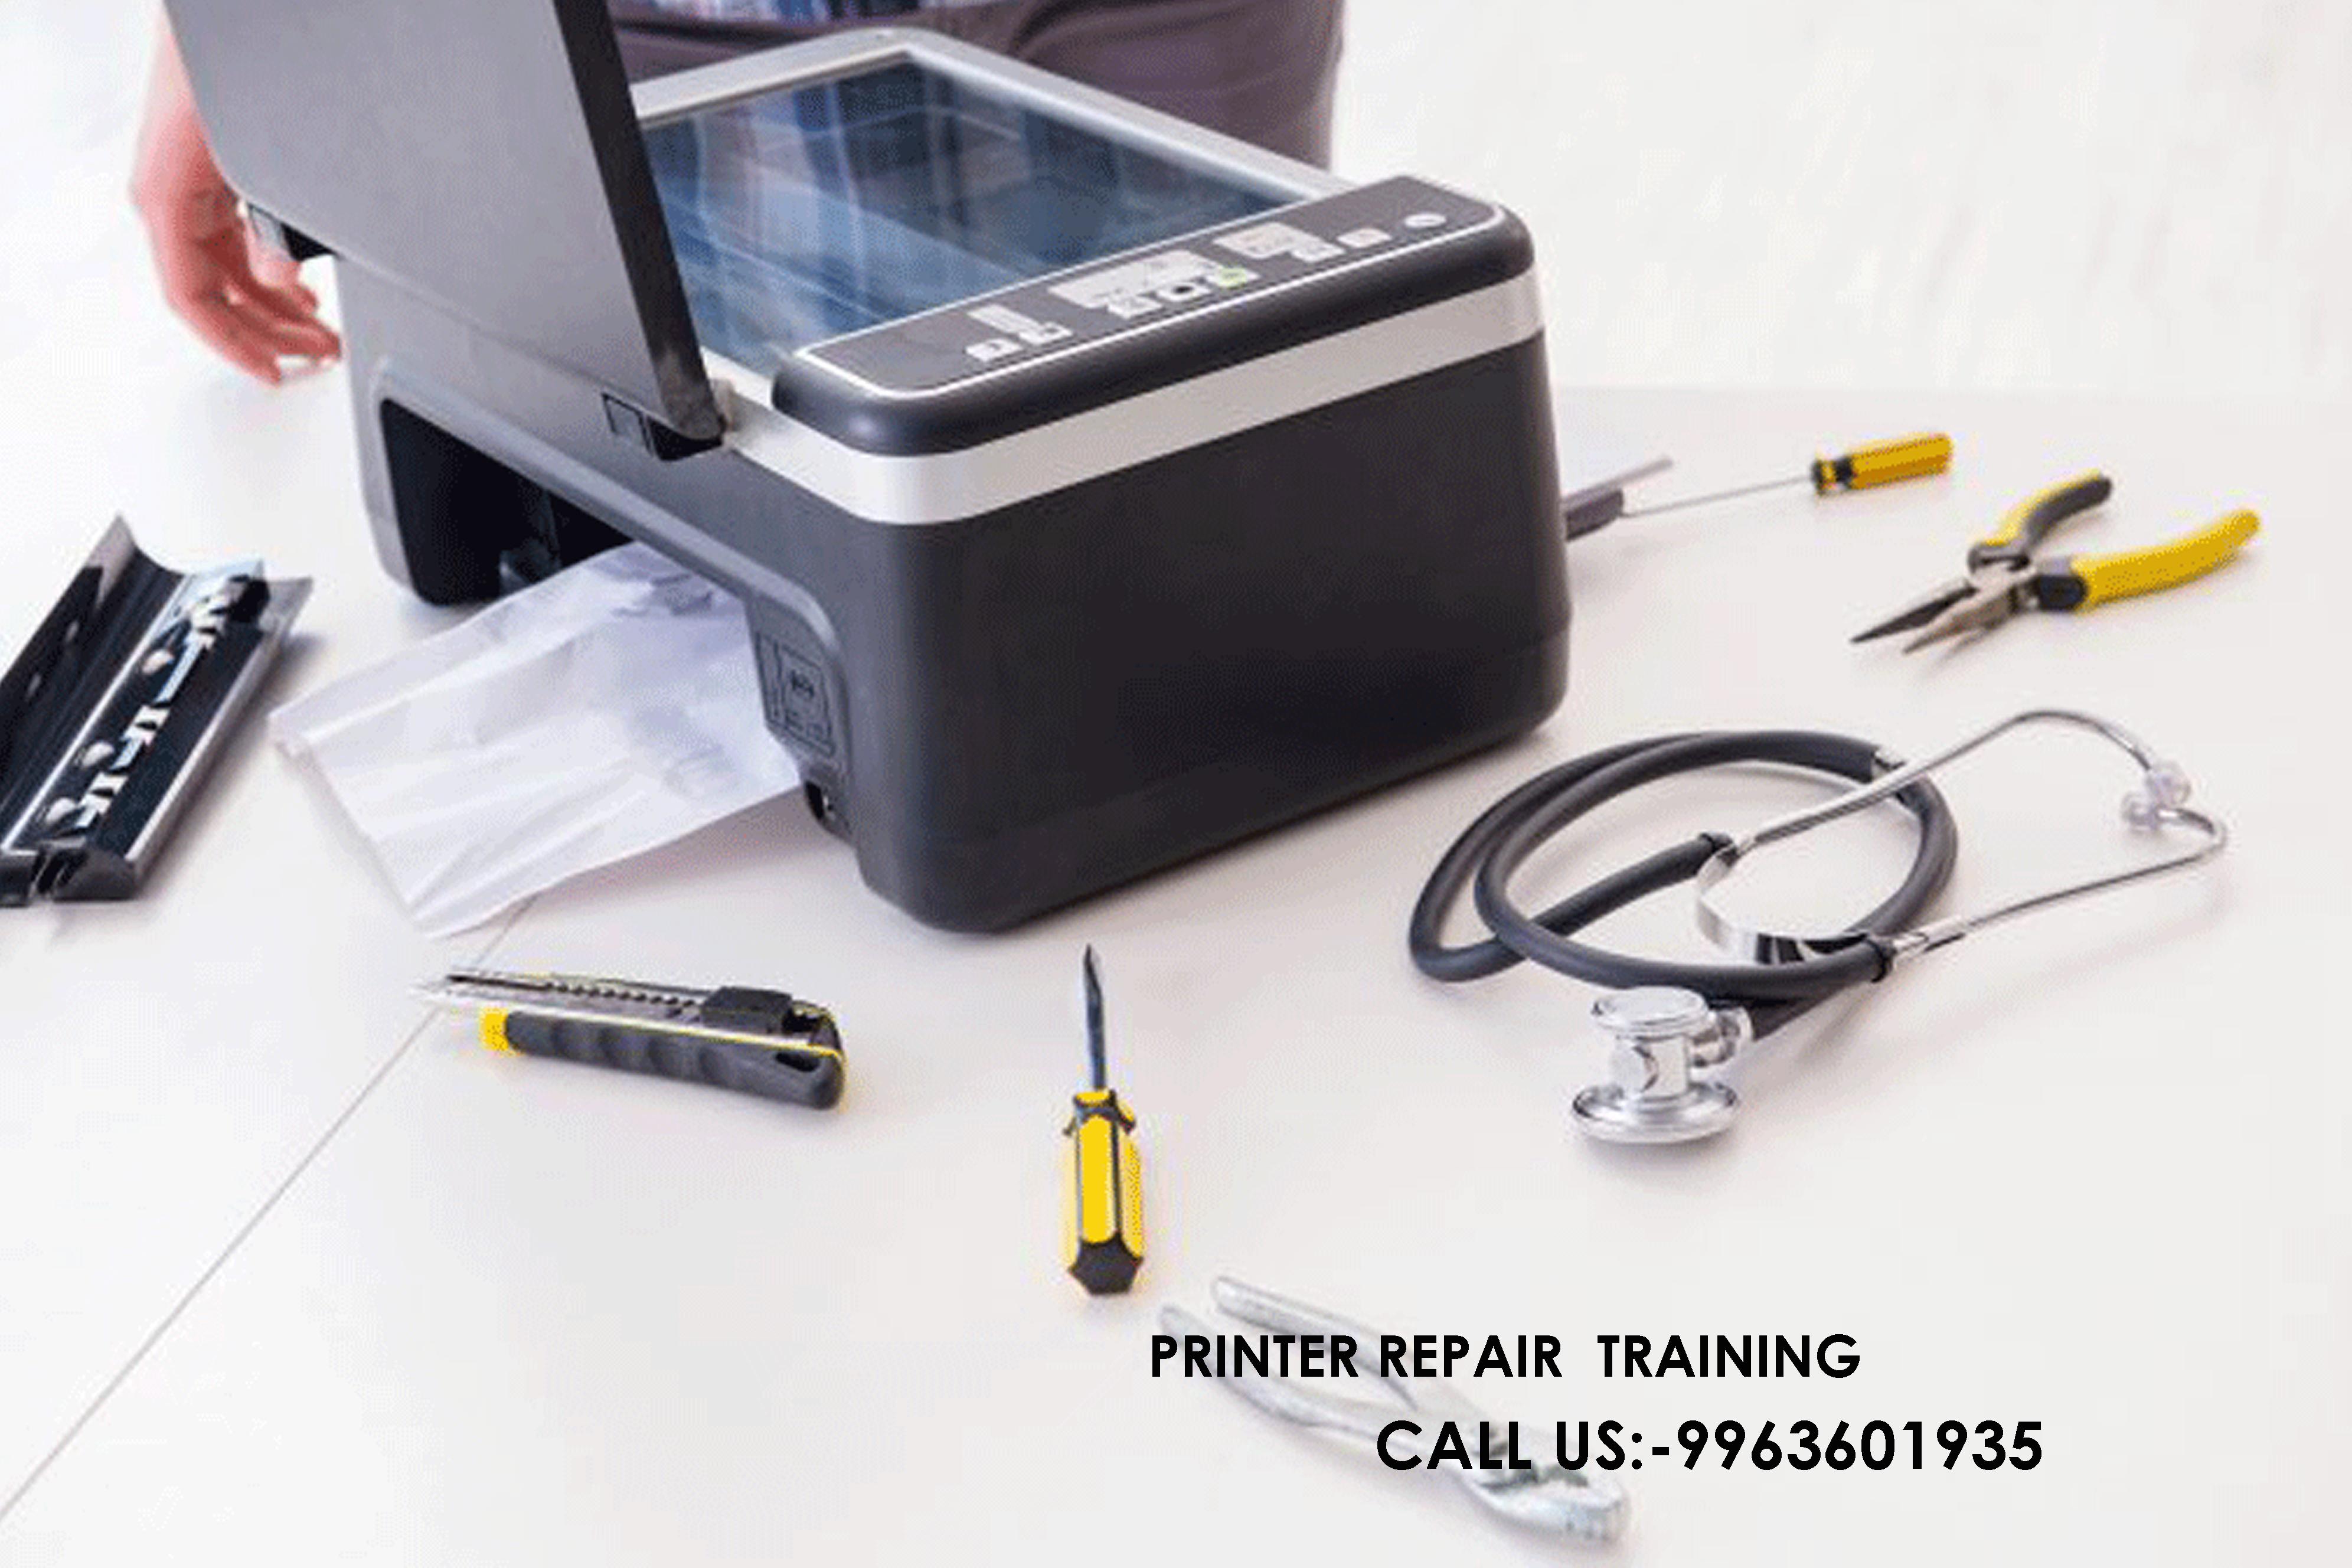 printer-repair-course